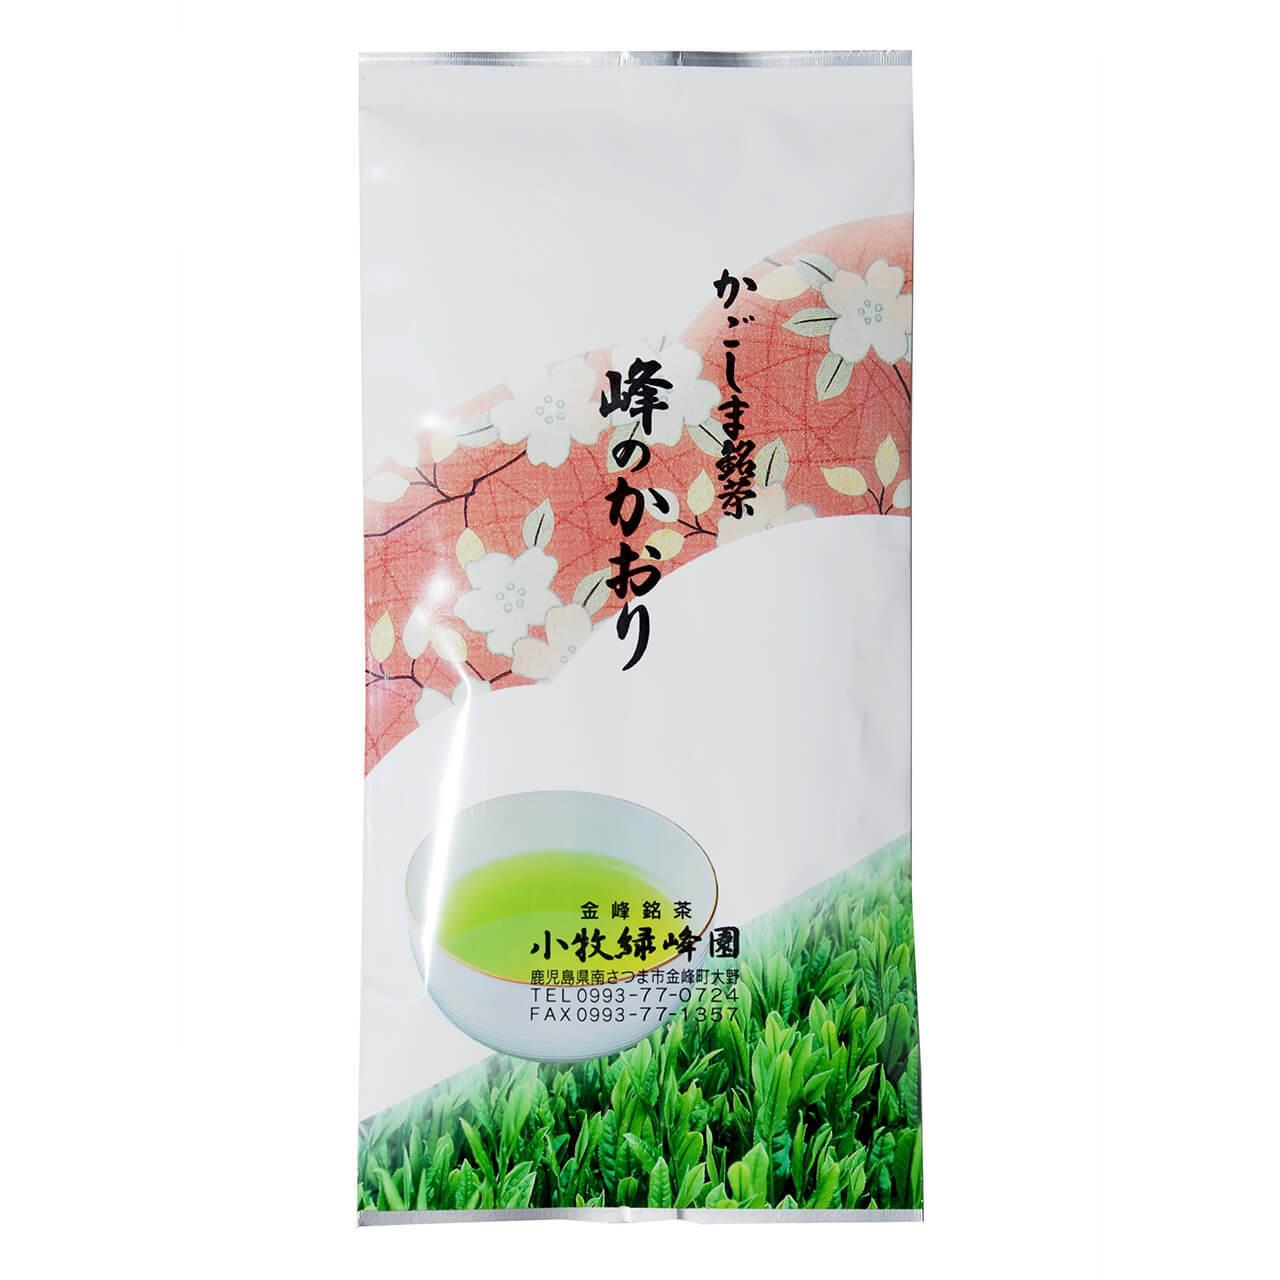 お茶 緑茶 お茶の葉 峰のかおり ピンク 100g 1袋 鹿児島 小牧緑峰園